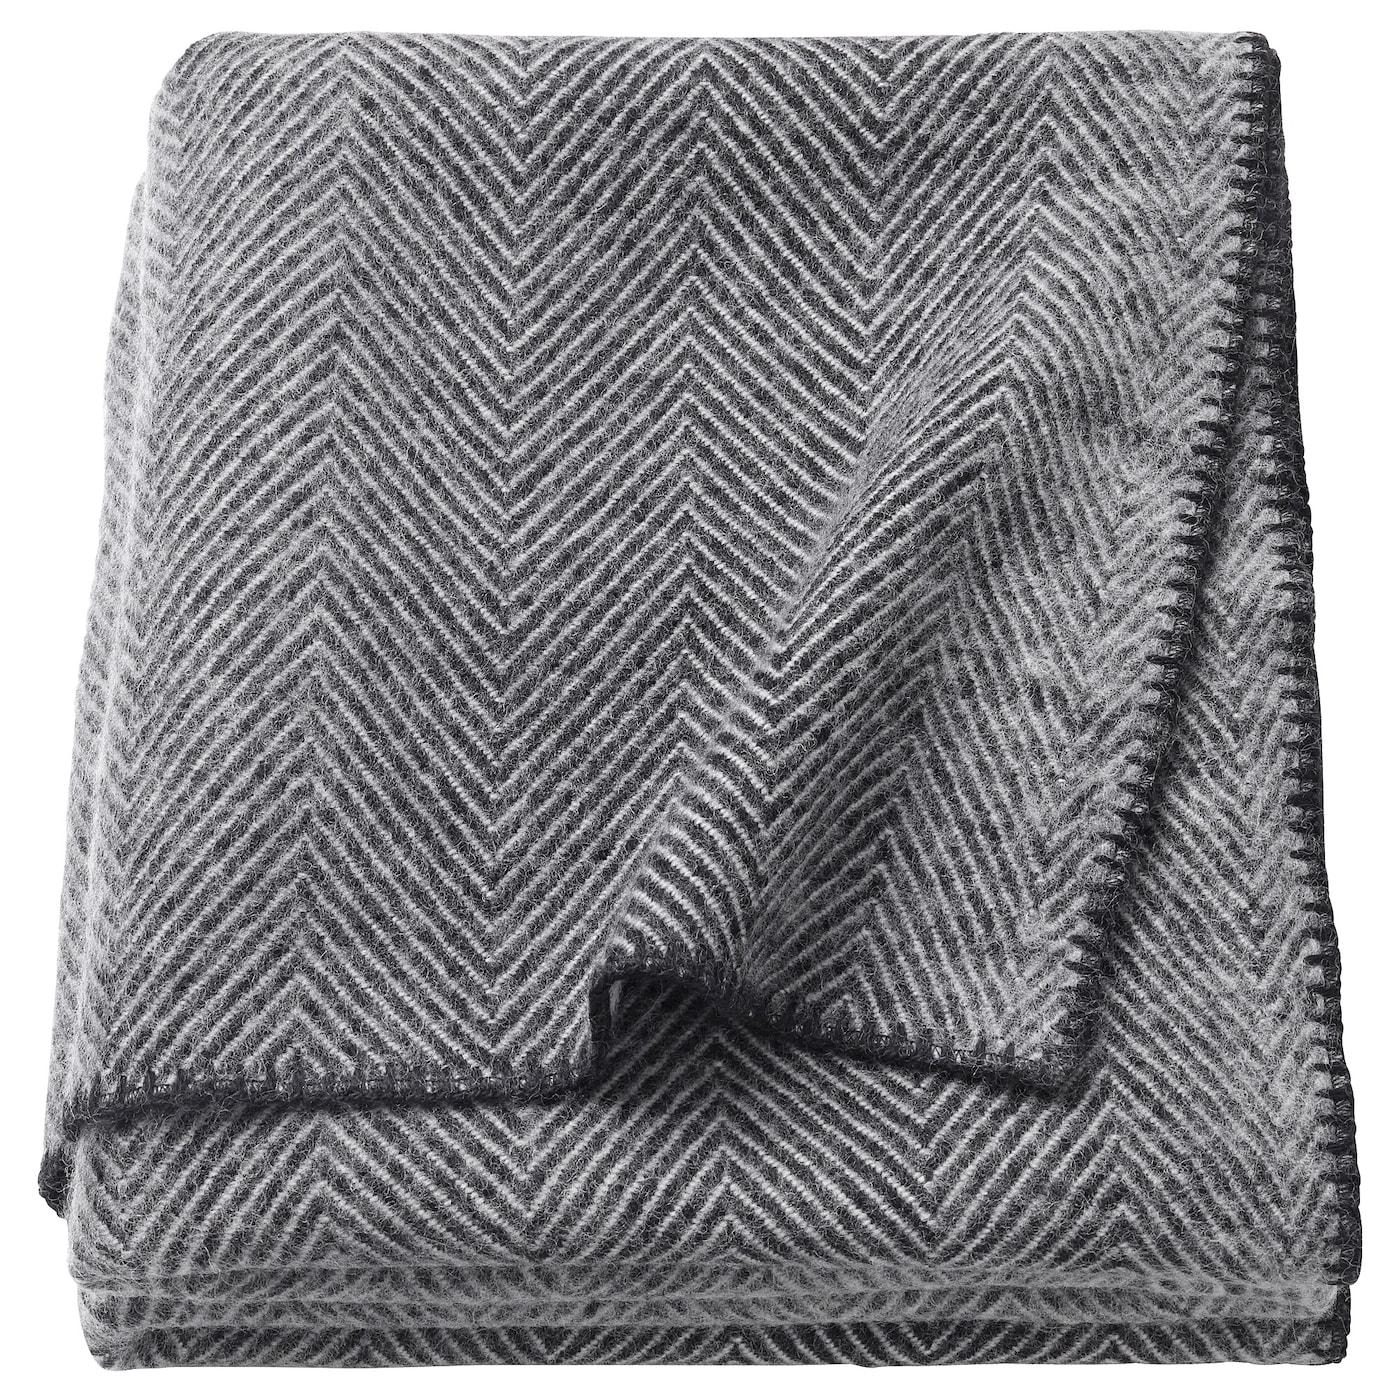 STRIMLÖNN Throw Grey 150 x 200 cm - IKEA